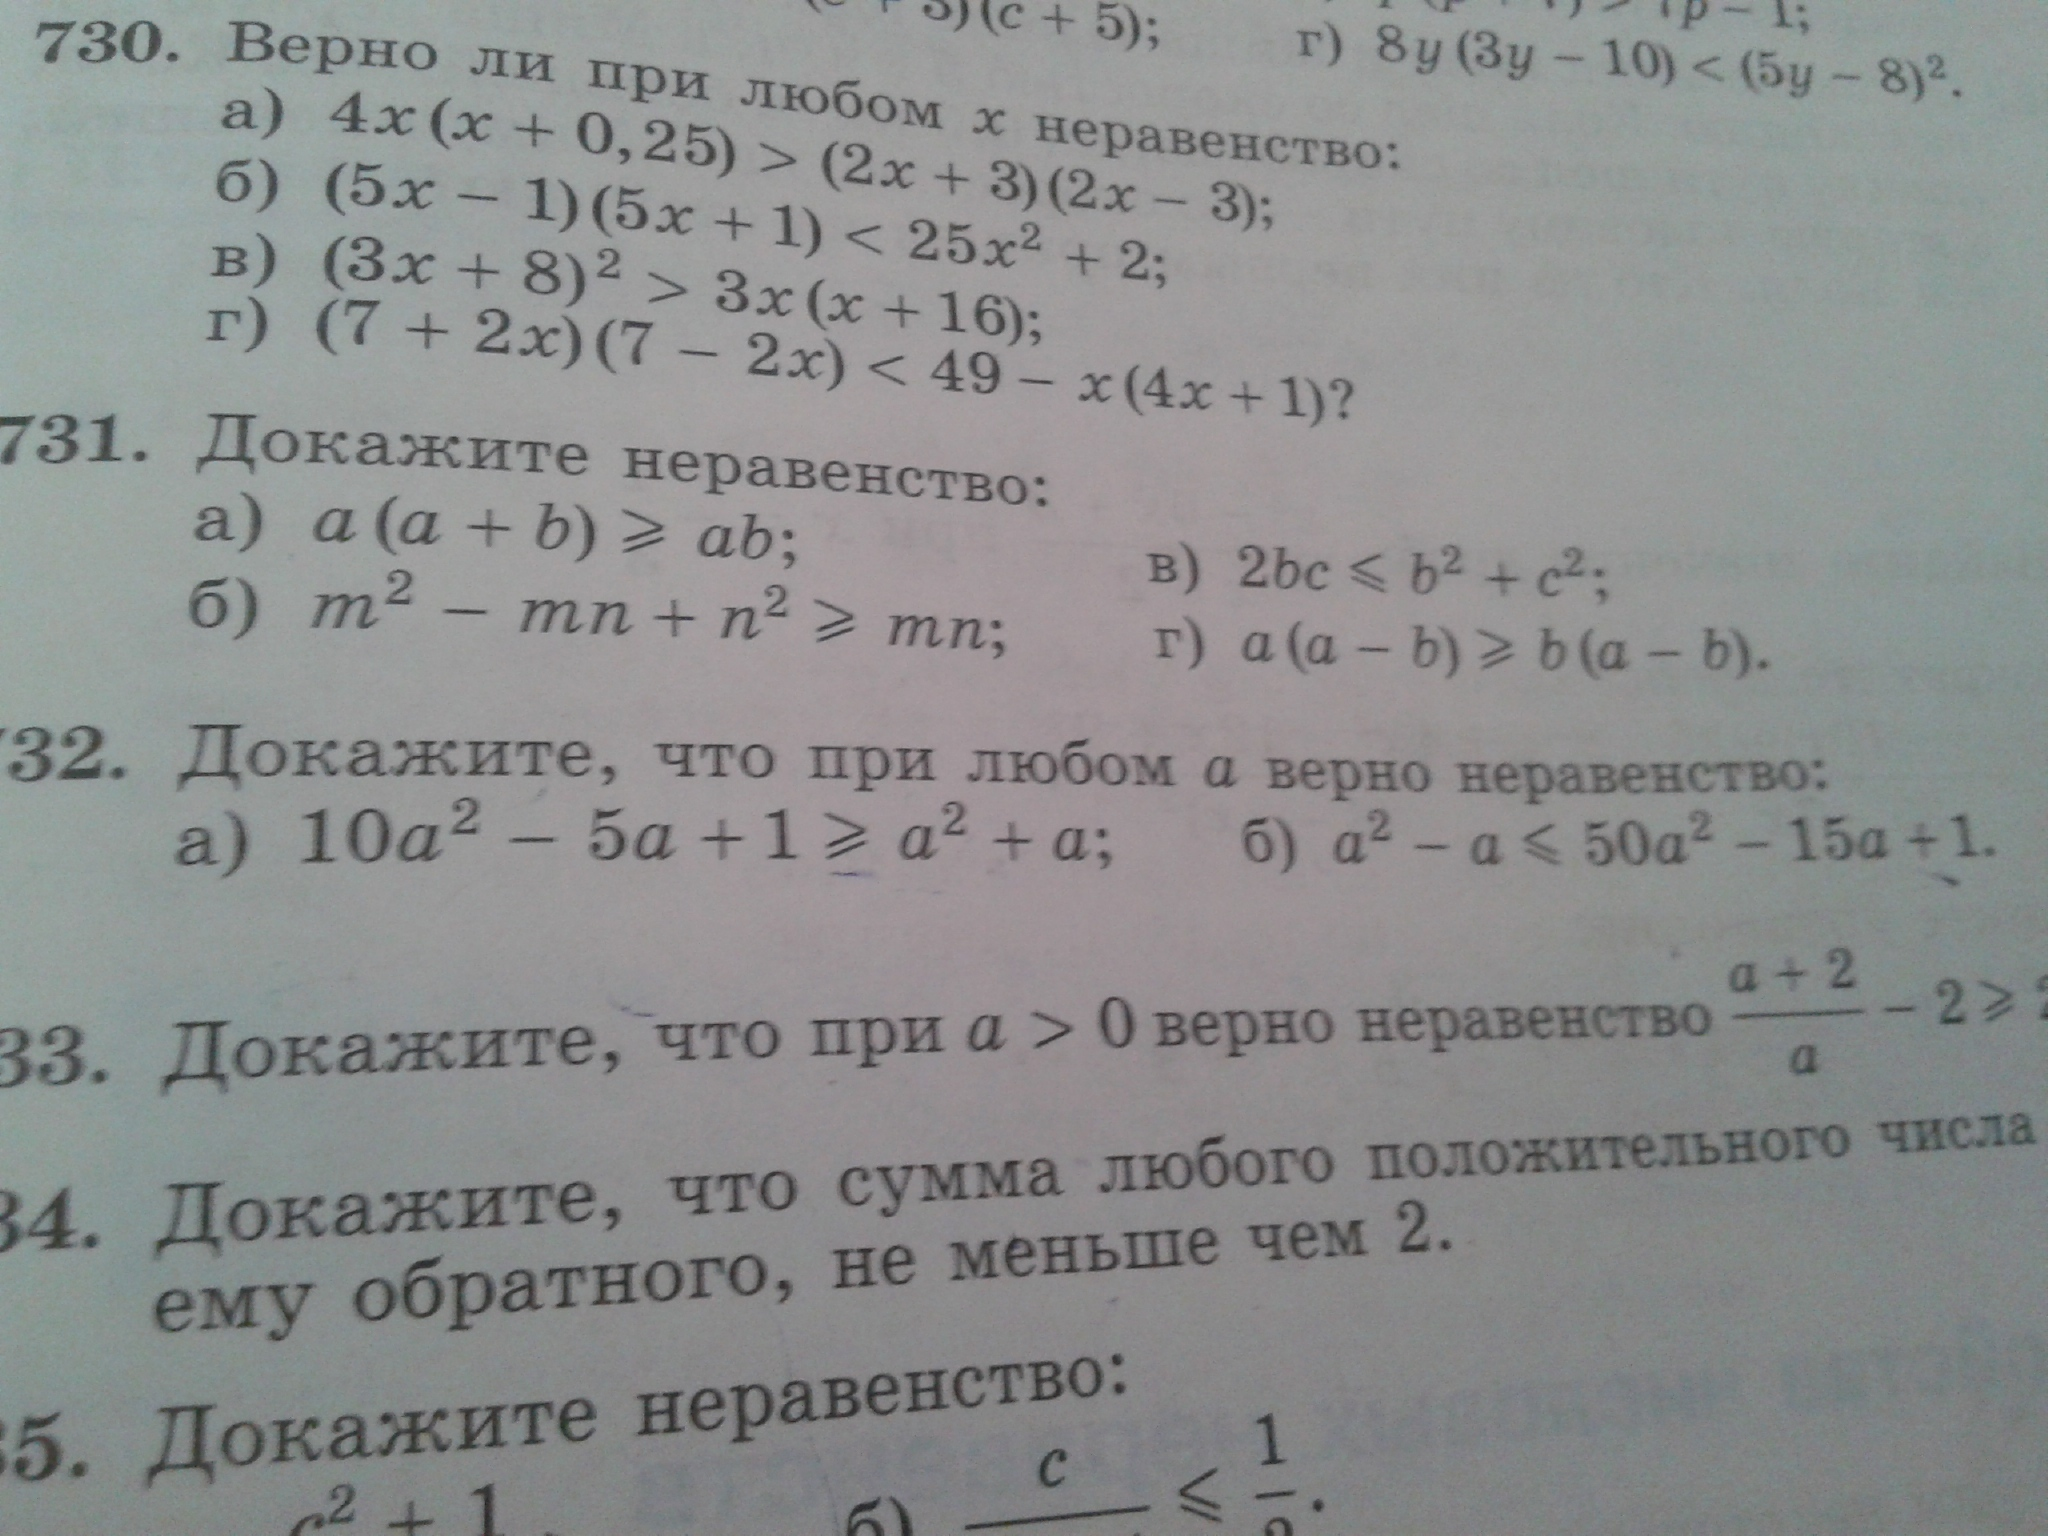 Помогите по алгебре 8 класс 732 задание?